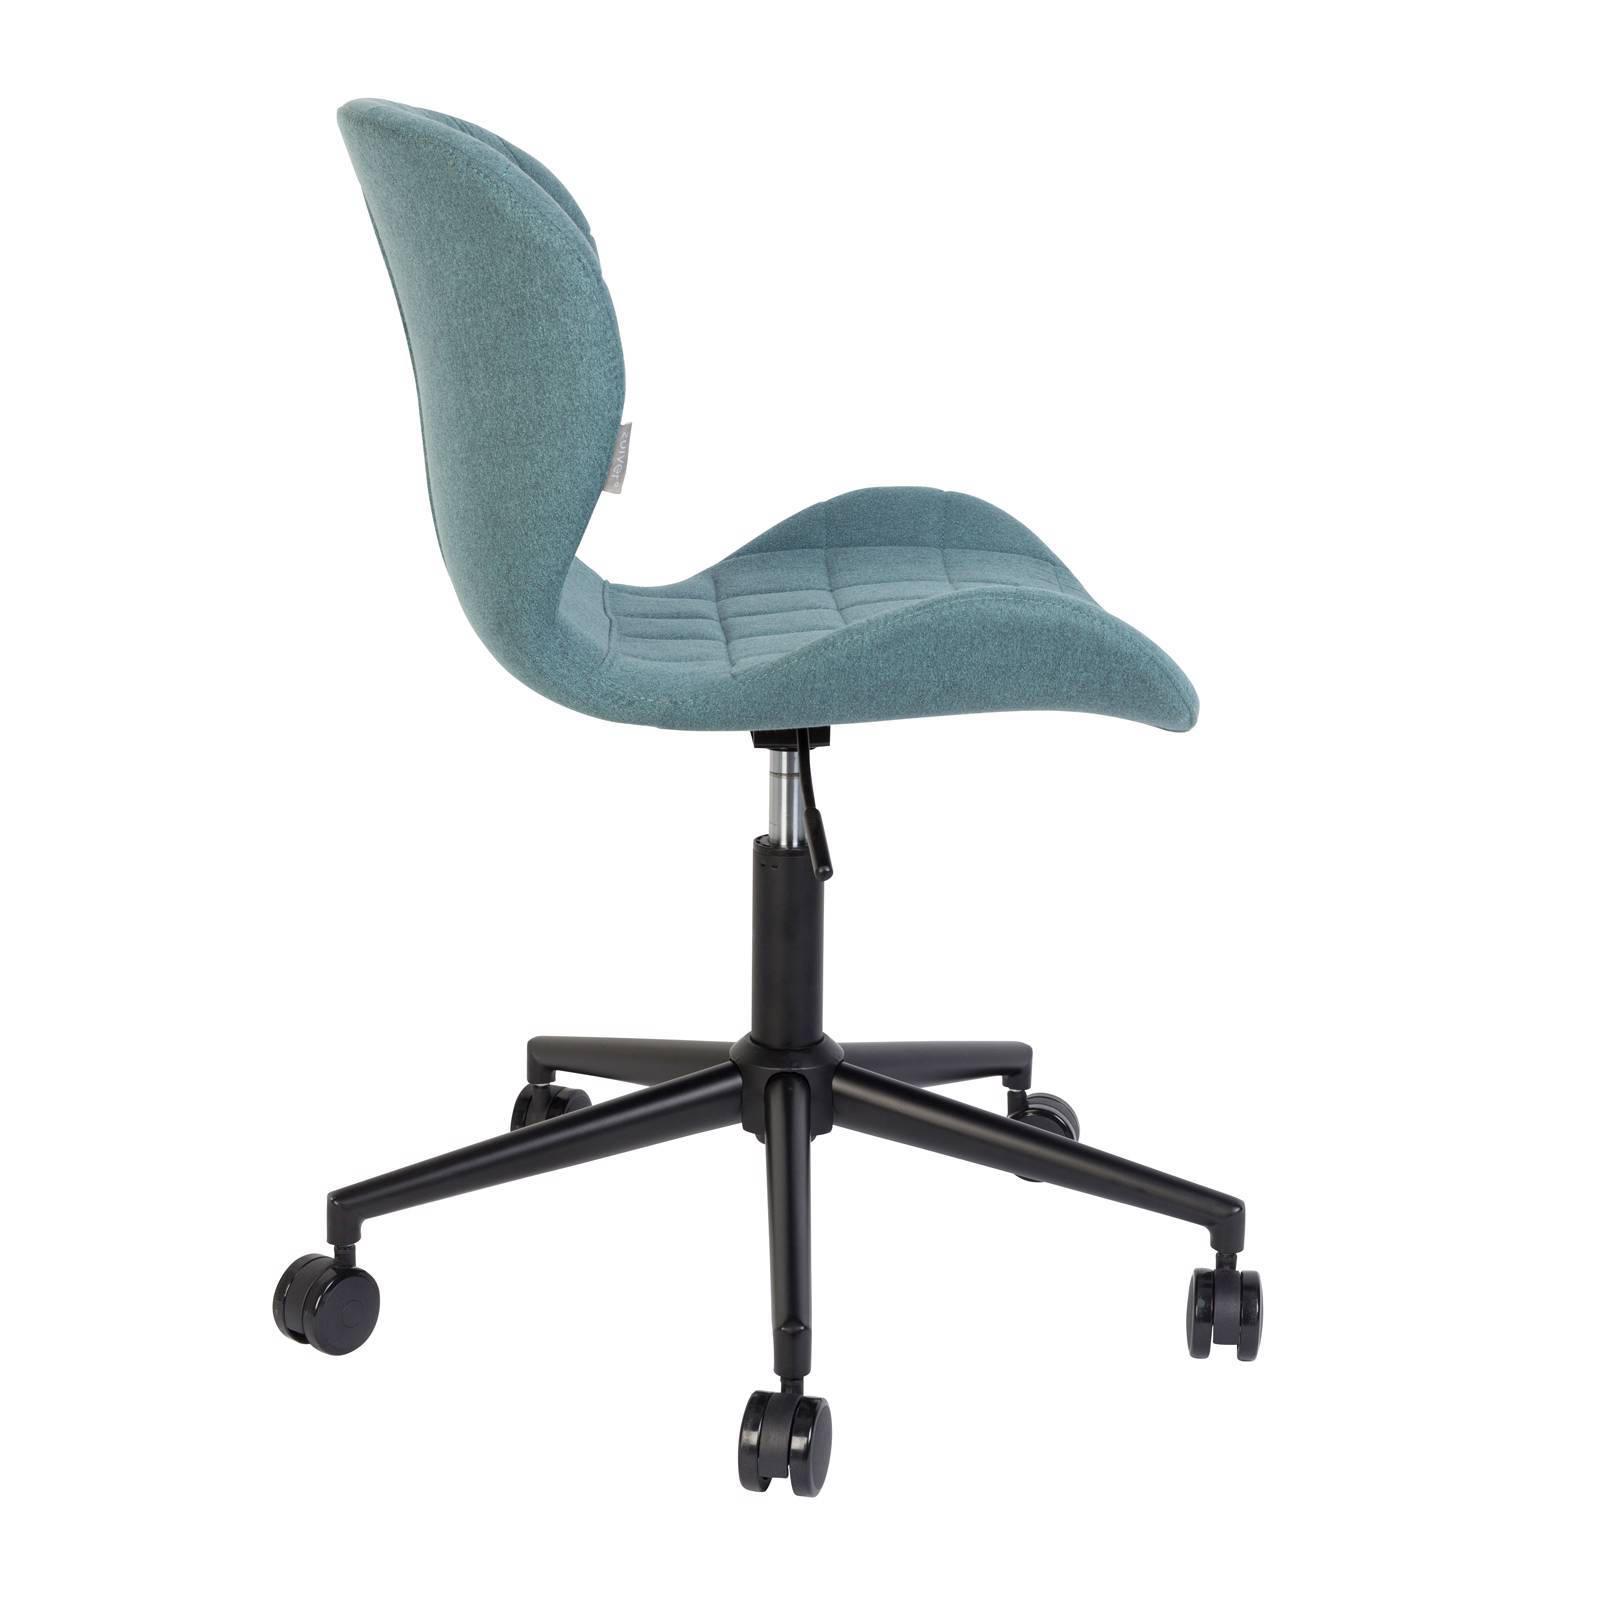 Zuiver Omg Bureaustoel.Zuiver Omg Office Bureaustoel Wehkamp